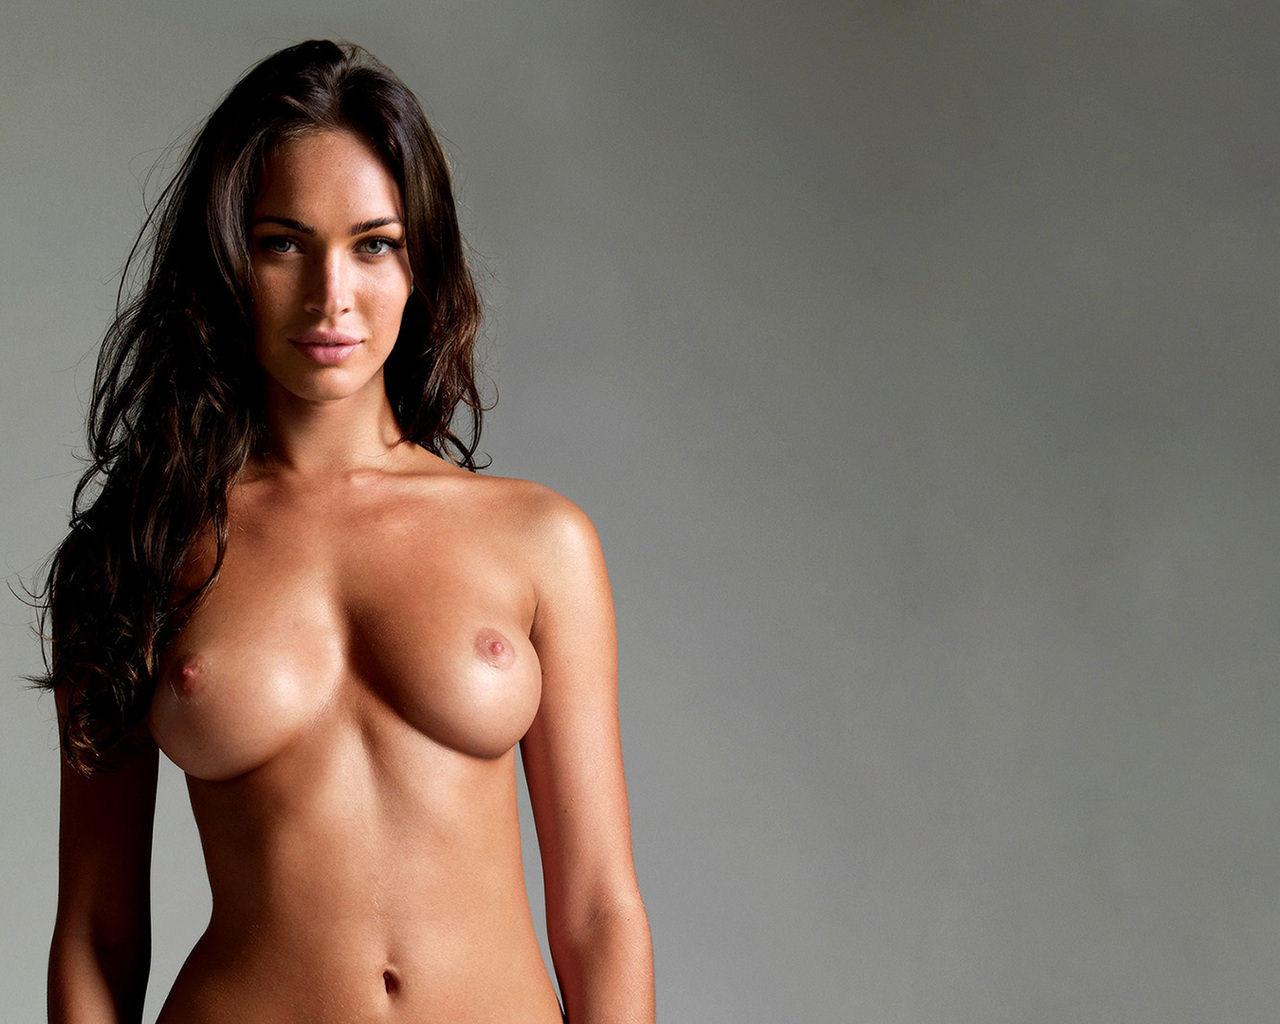 Сексуальные голые девушки сша 28 фотография